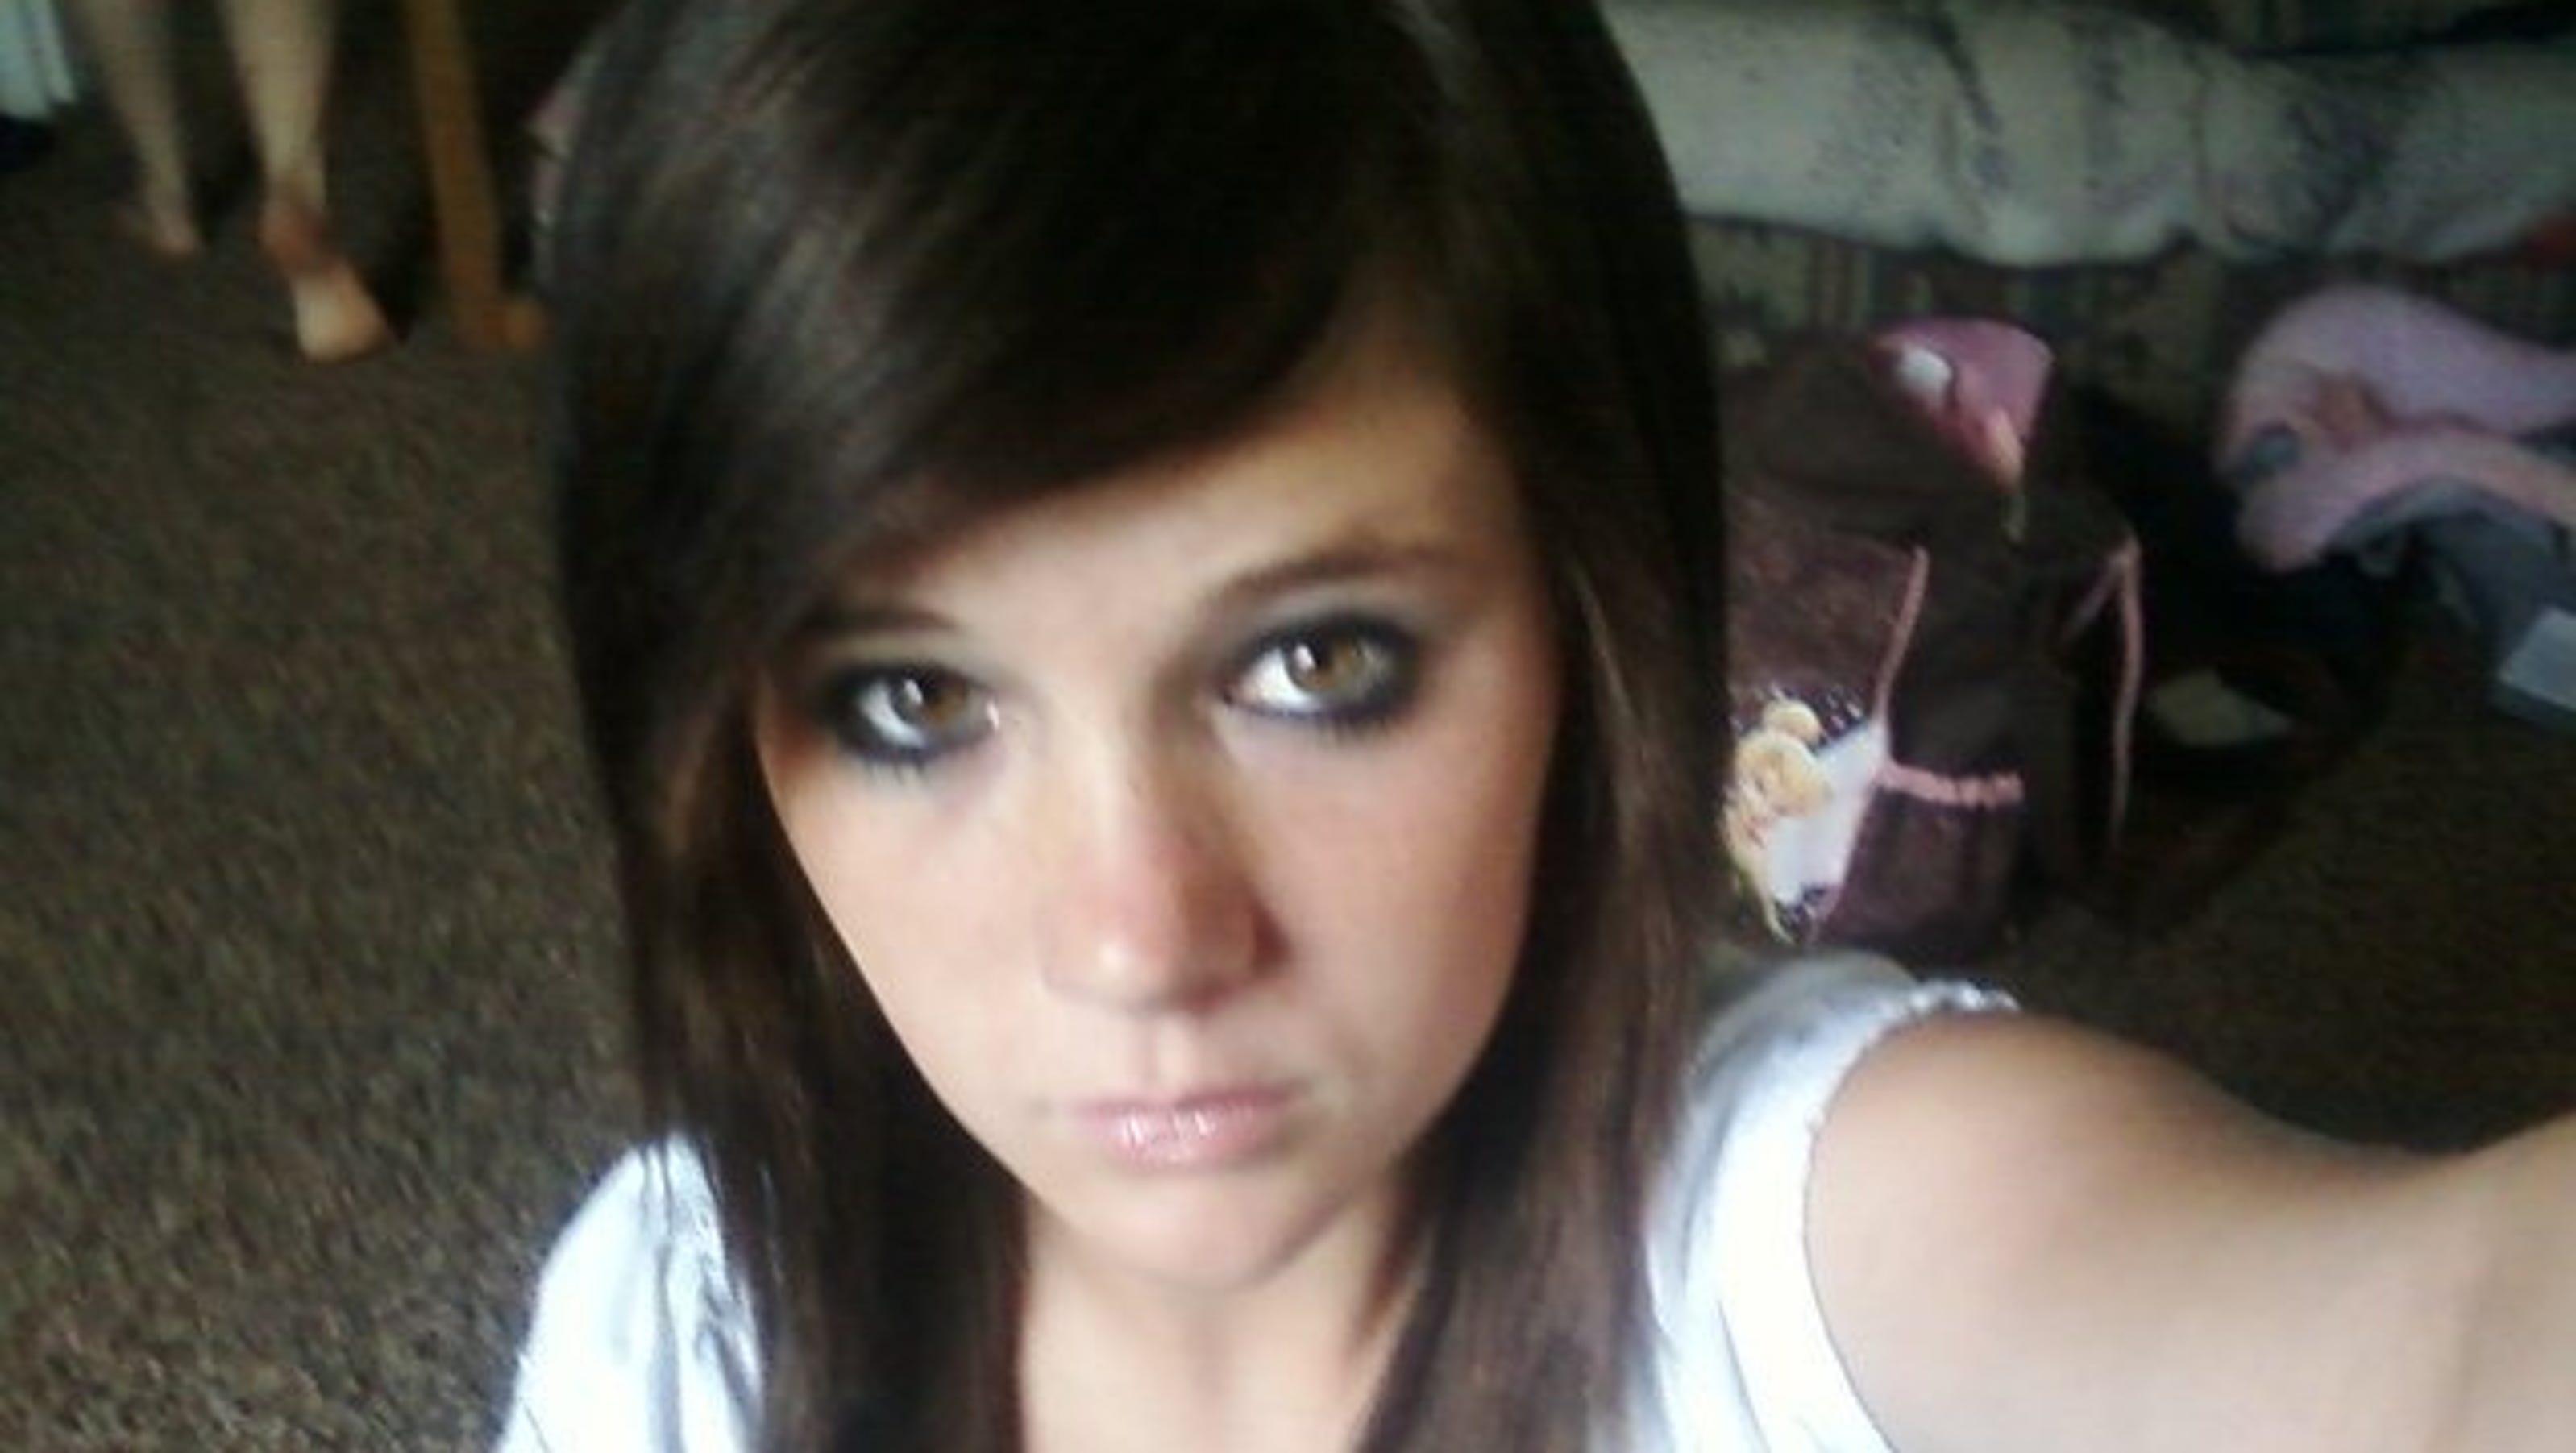 Teen Strangled 27